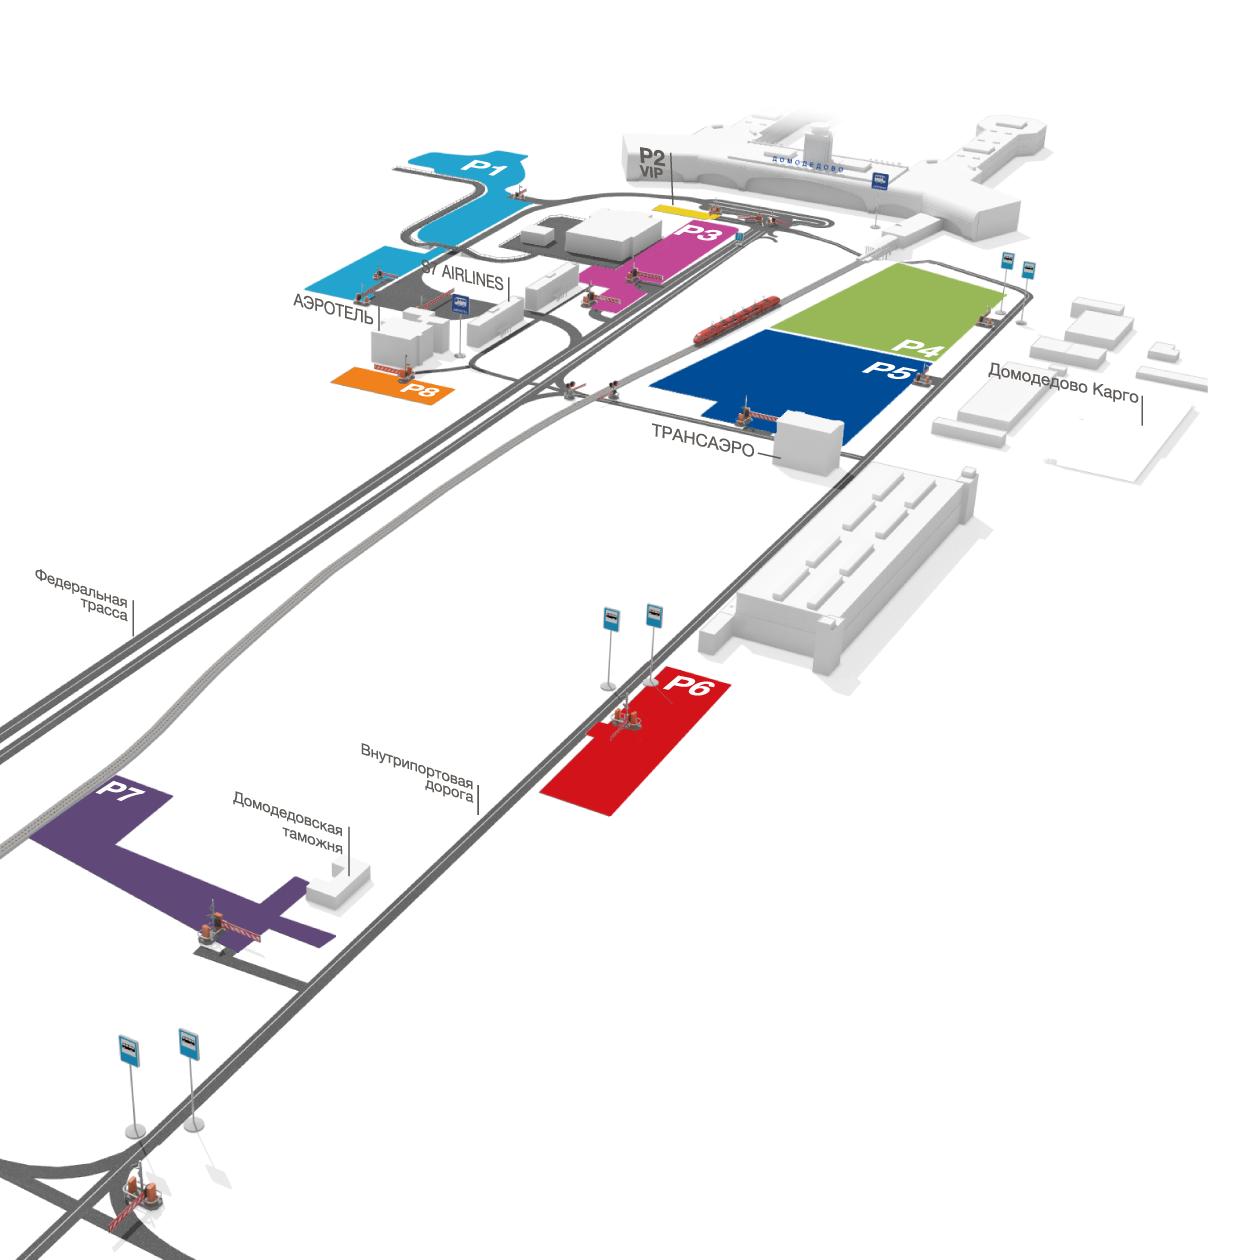 Аэропорт домодедово парковка для встречающих схема